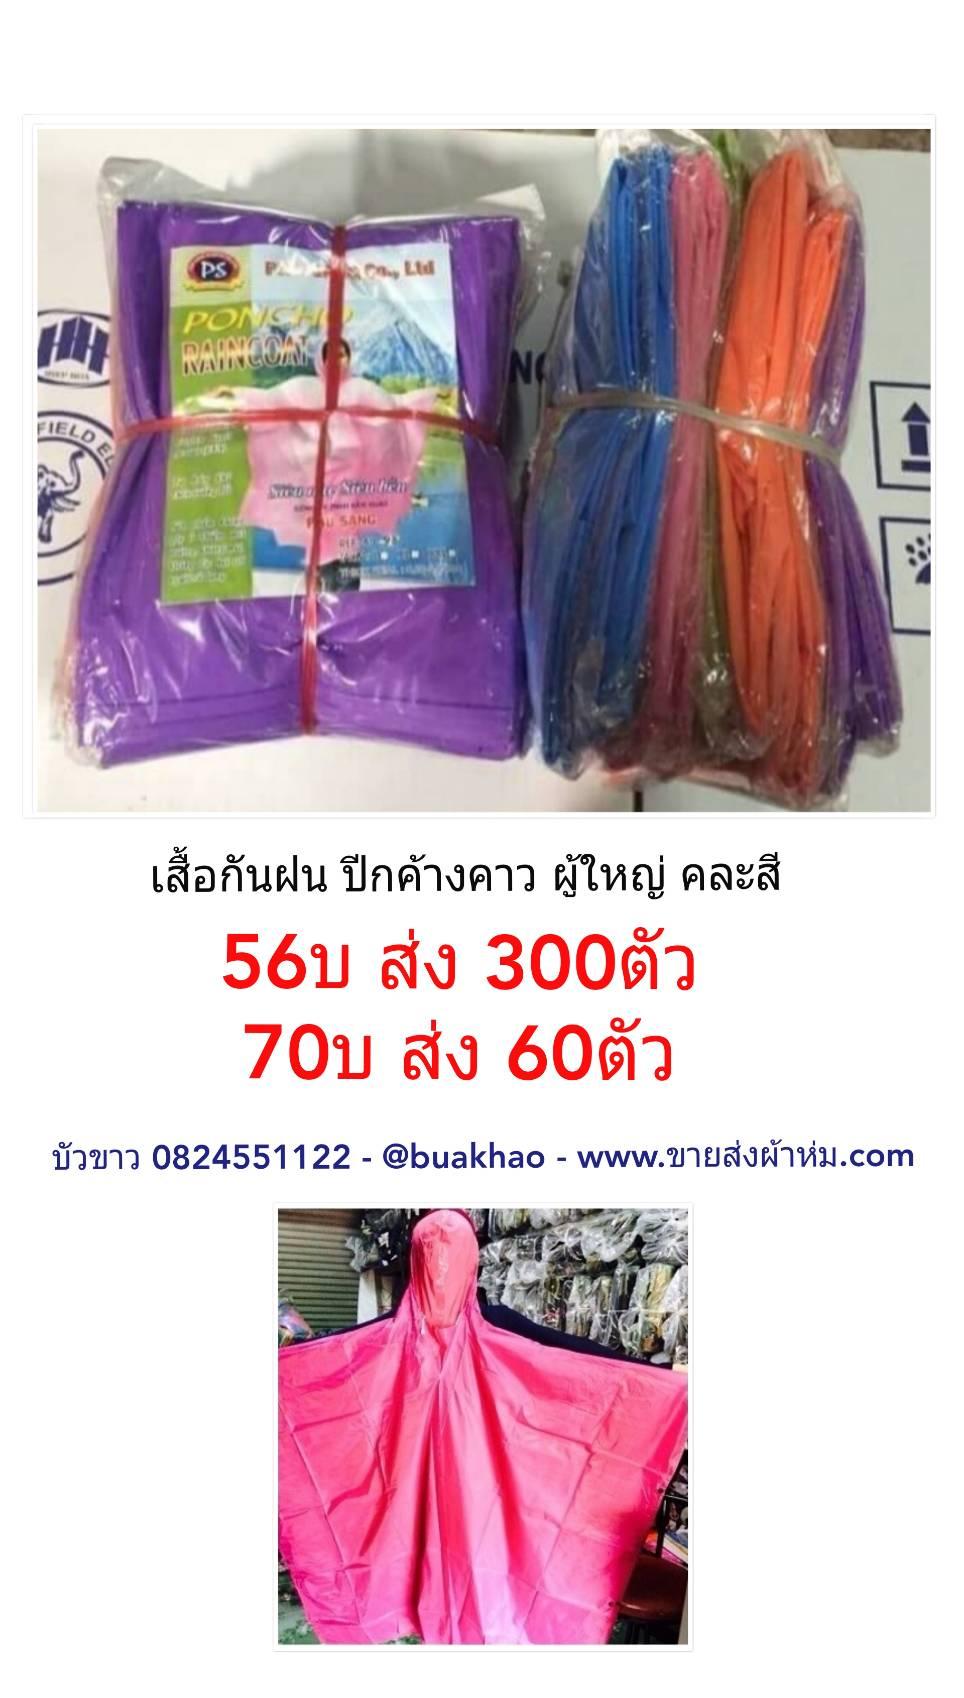 เสื้อกันฝน สีพื้น ปีกค้างคาว ตัวละ 56 บาท ส่ง 300 ตัว